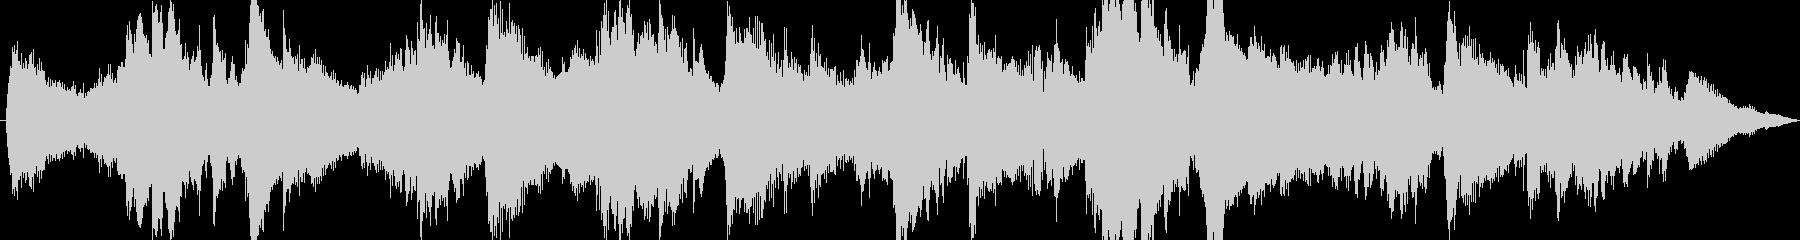 ジングル - しっとりアンビエントの未再生の波形